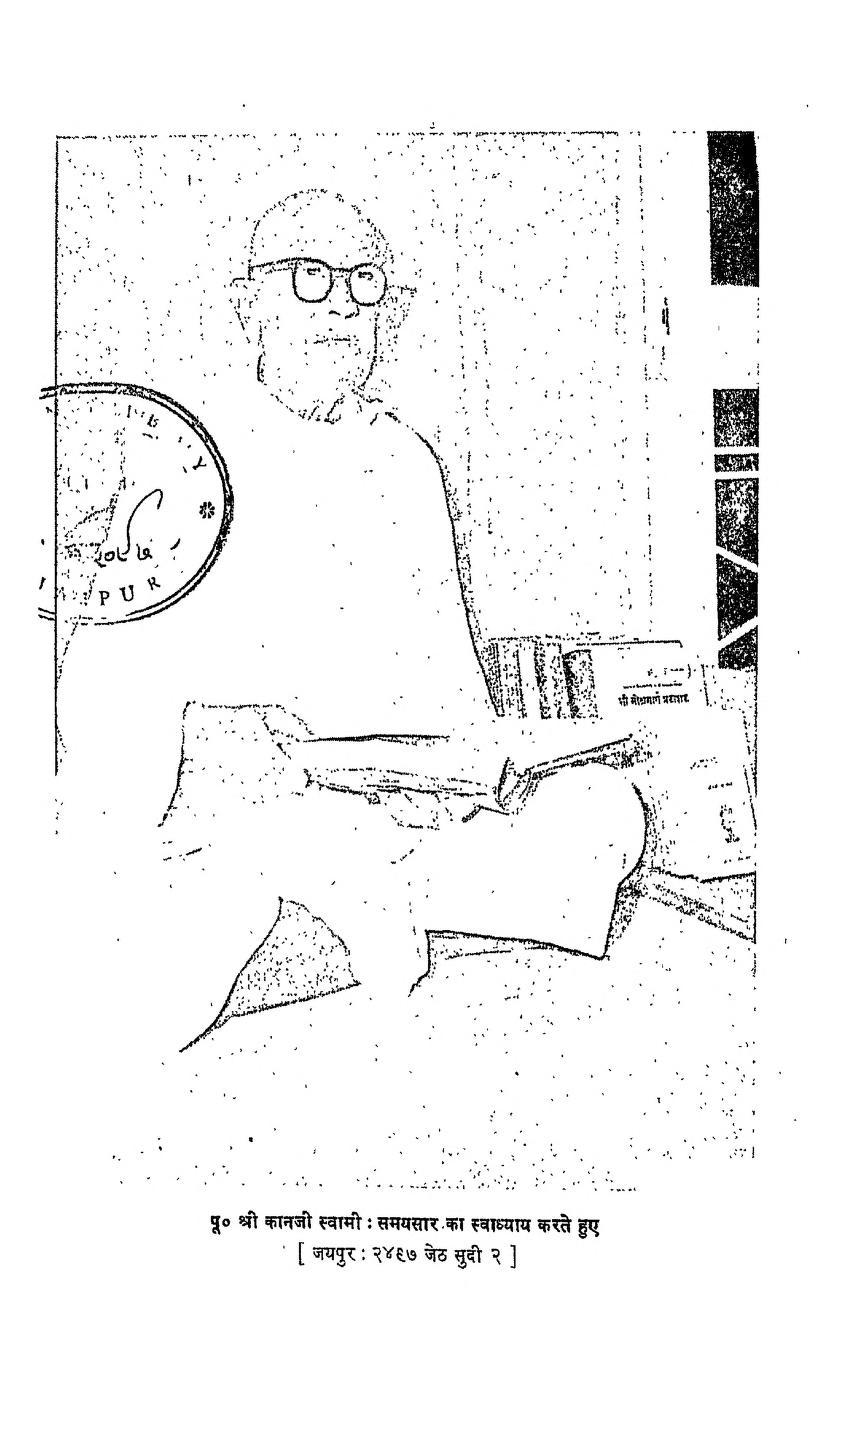 Book Image : समयसारजी शास्त्र  - Samayasaarji Shaastra